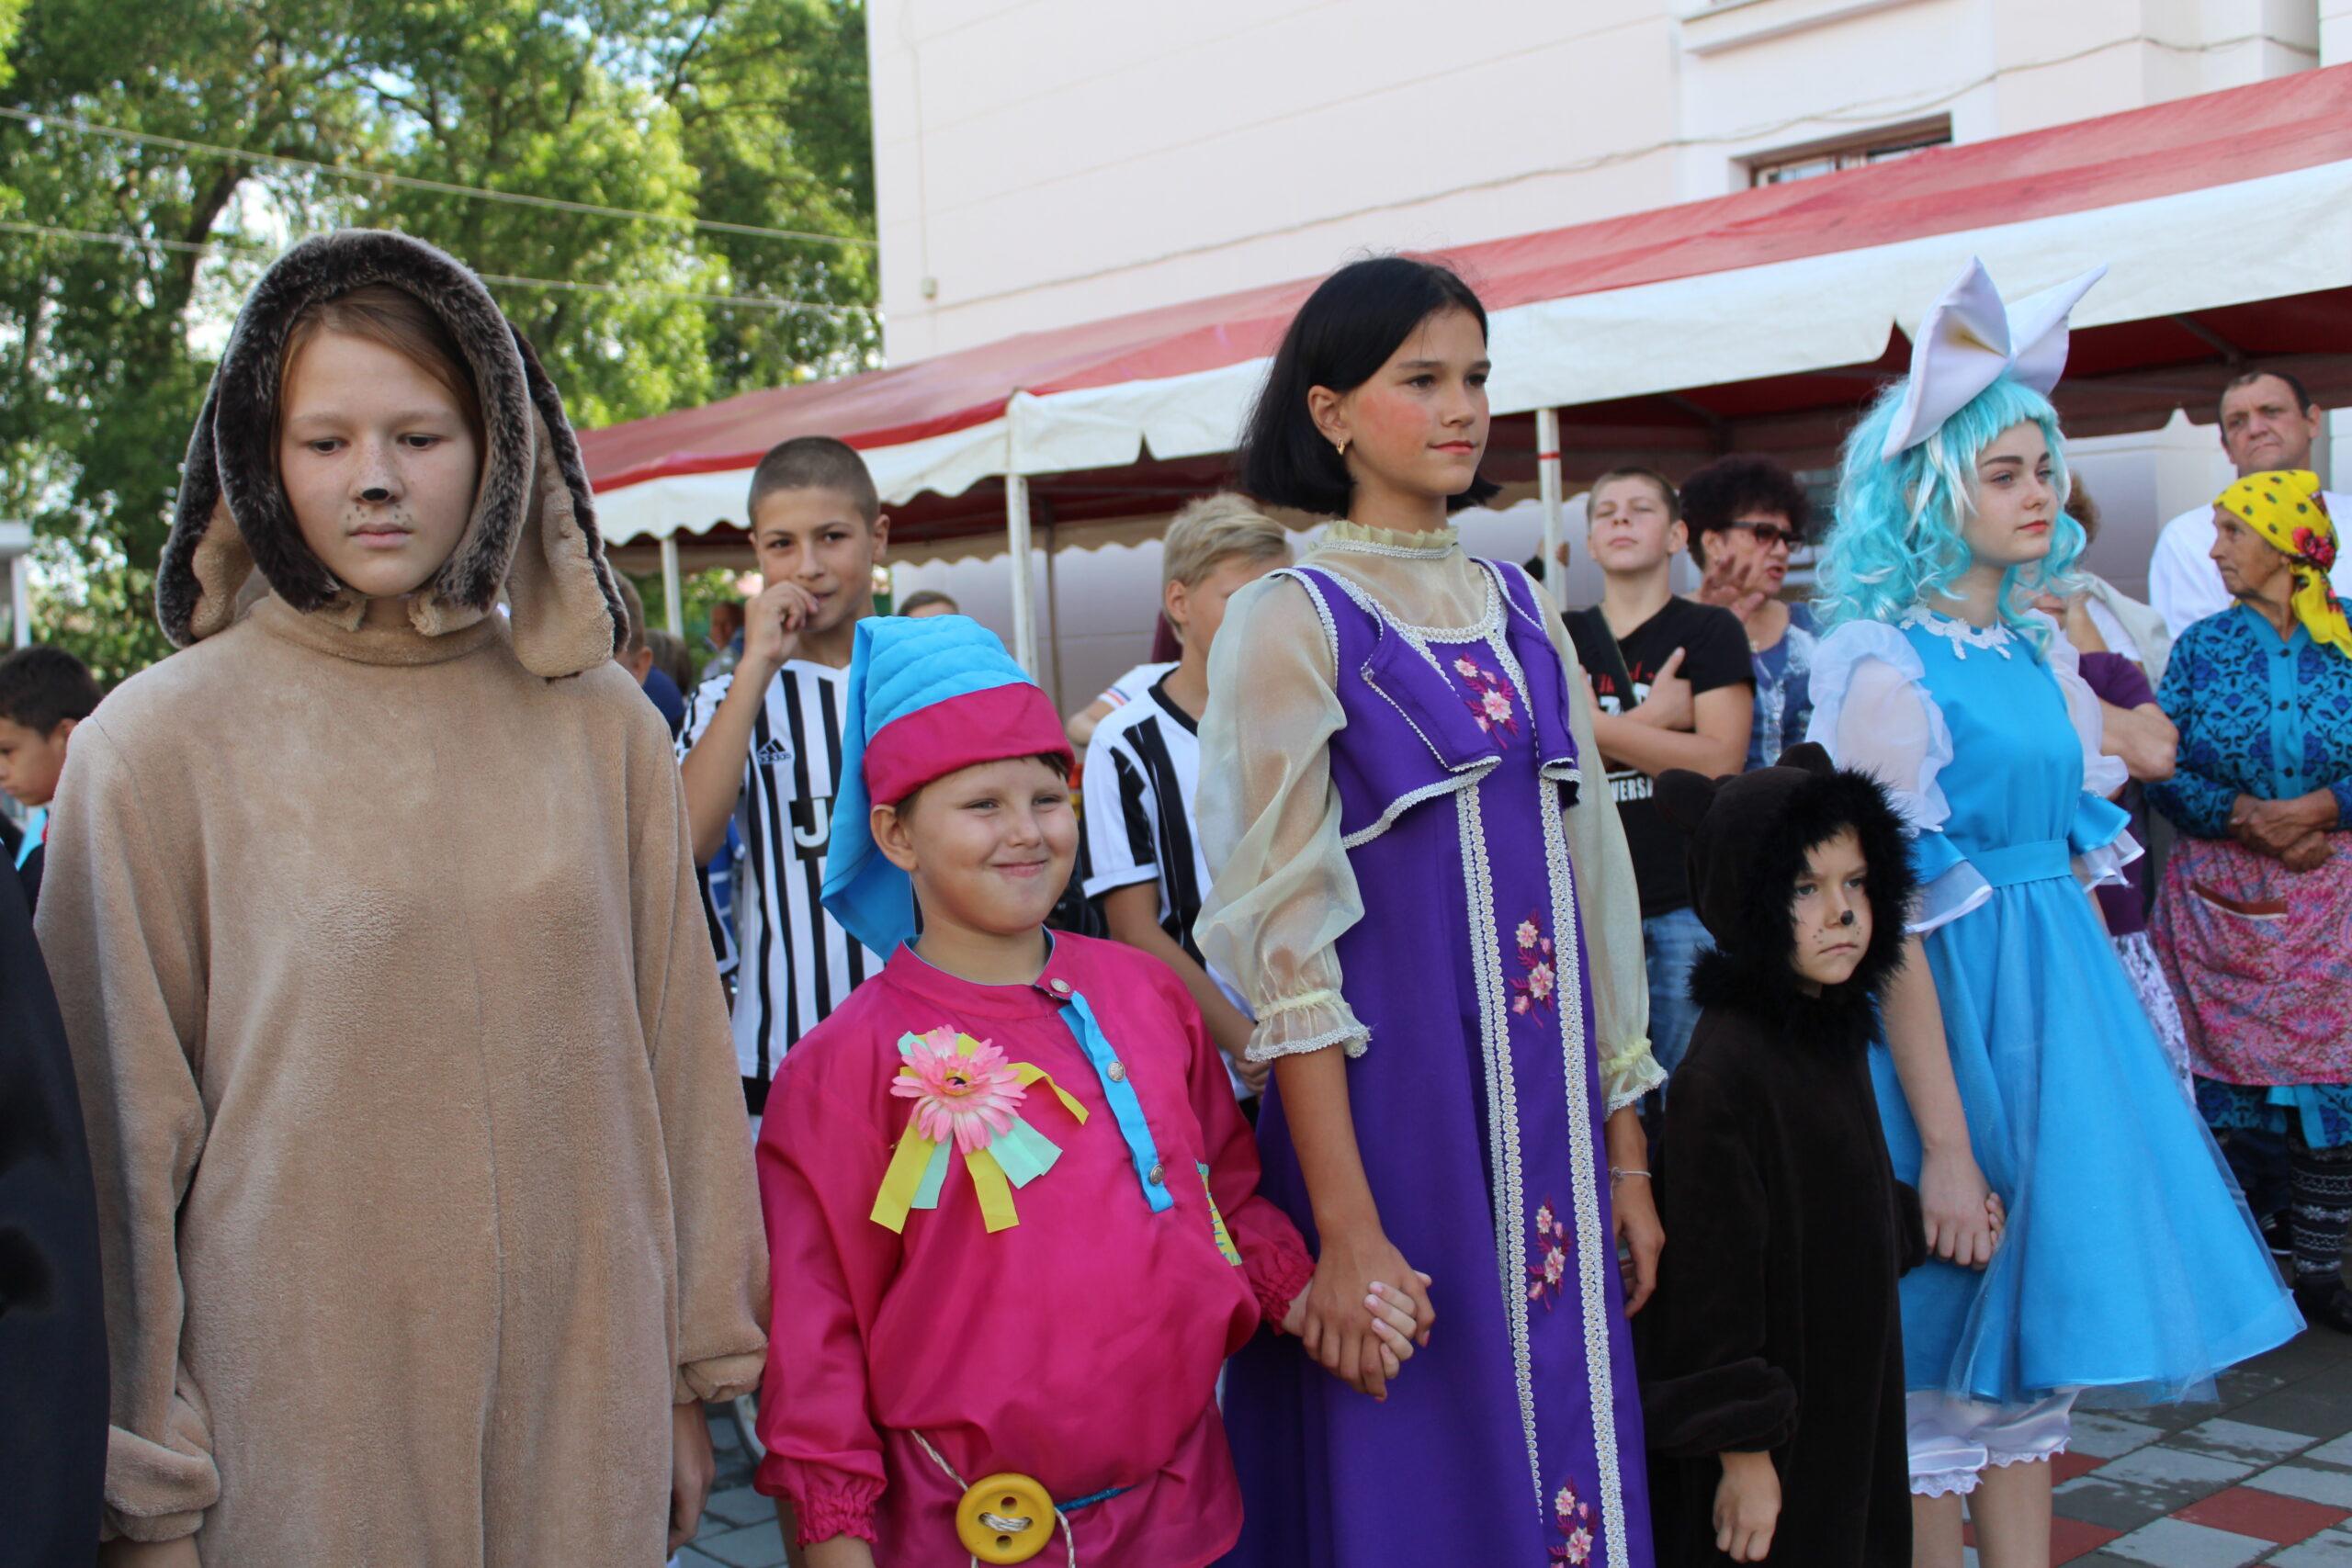 В поселке Ахтырском Всемирный день красоты отметили фестивалем